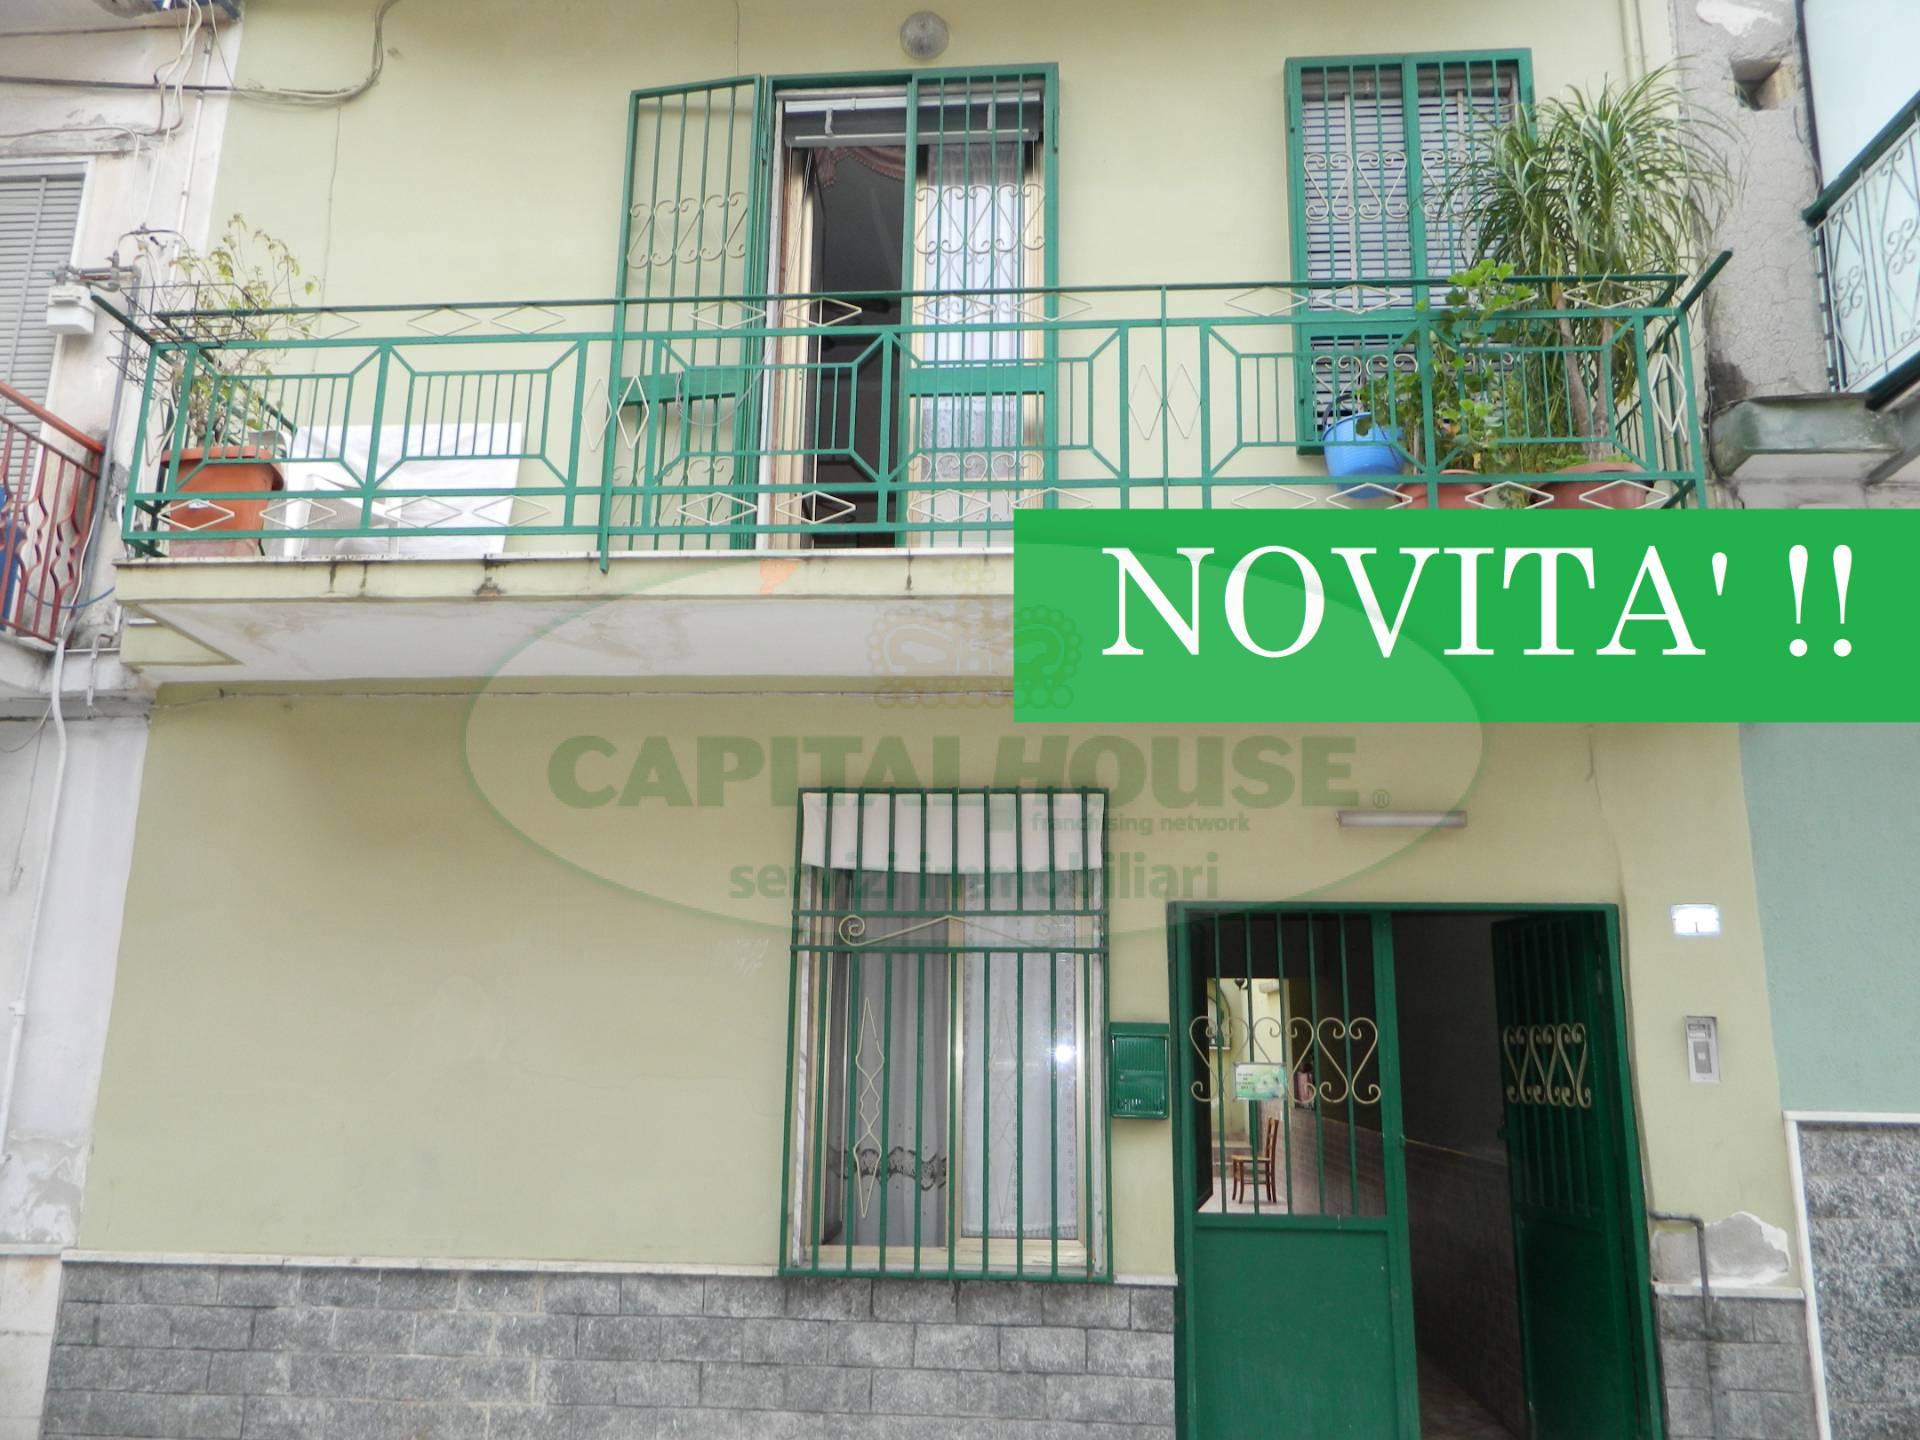 Soluzione Indipendente in vendita a Afragola, 3 locali, zona Località: ZonaSanMarco, prezzo € 120.000 | CambioCasa.it